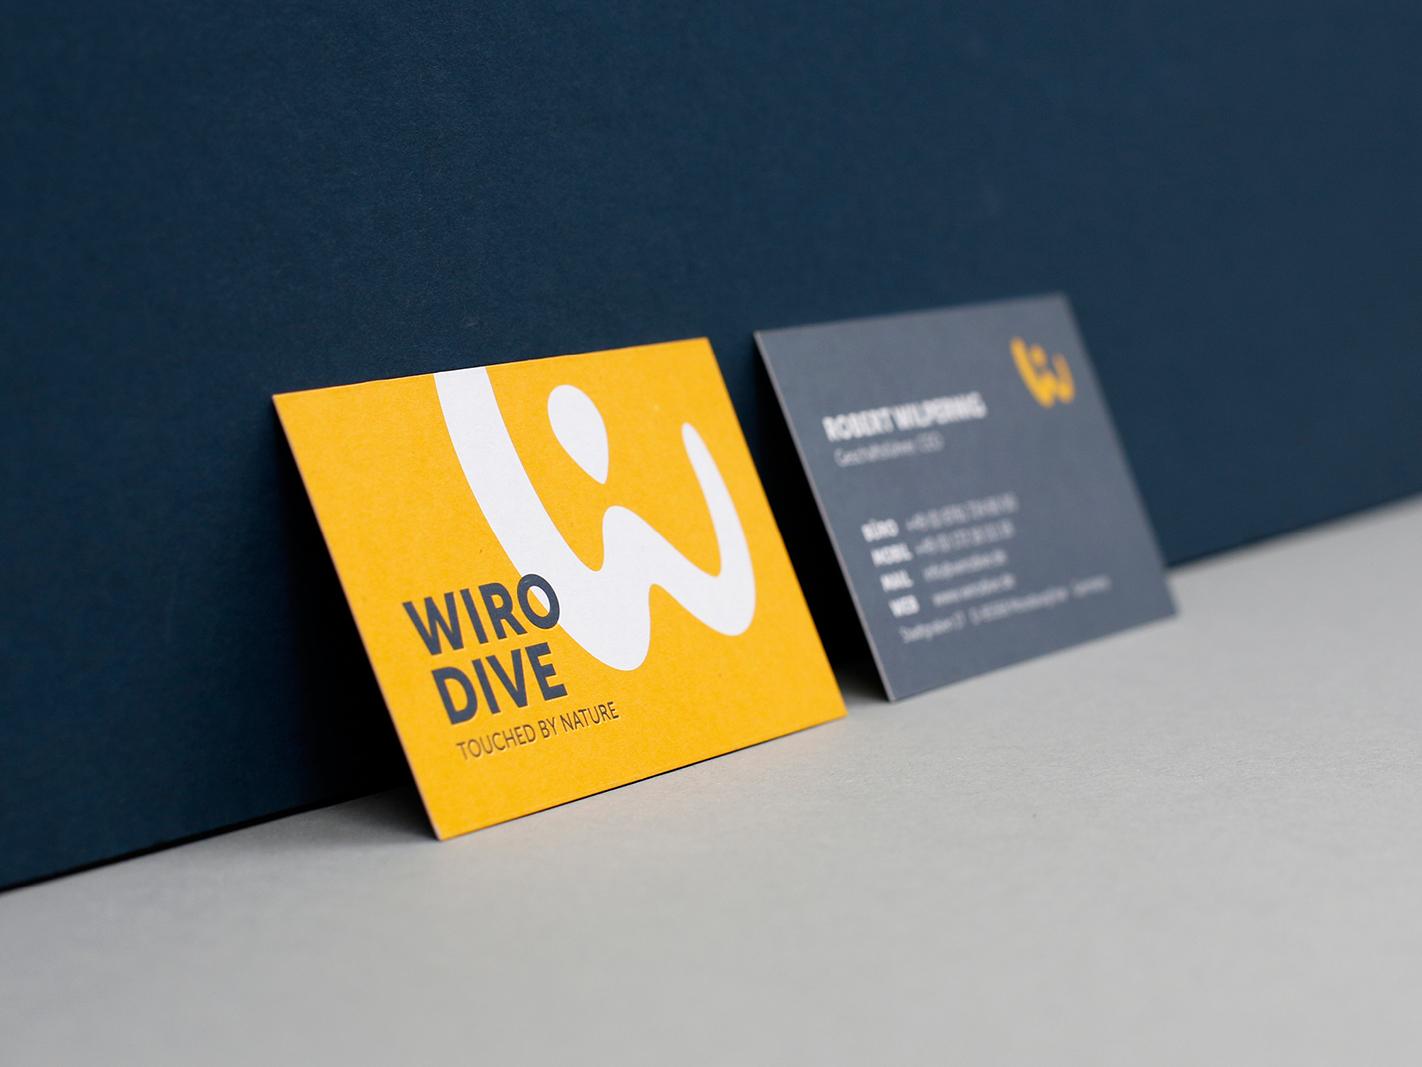 ATK-WIRO-DIVE-Tauchen-Reisen-Corporate-Design-4.jpg